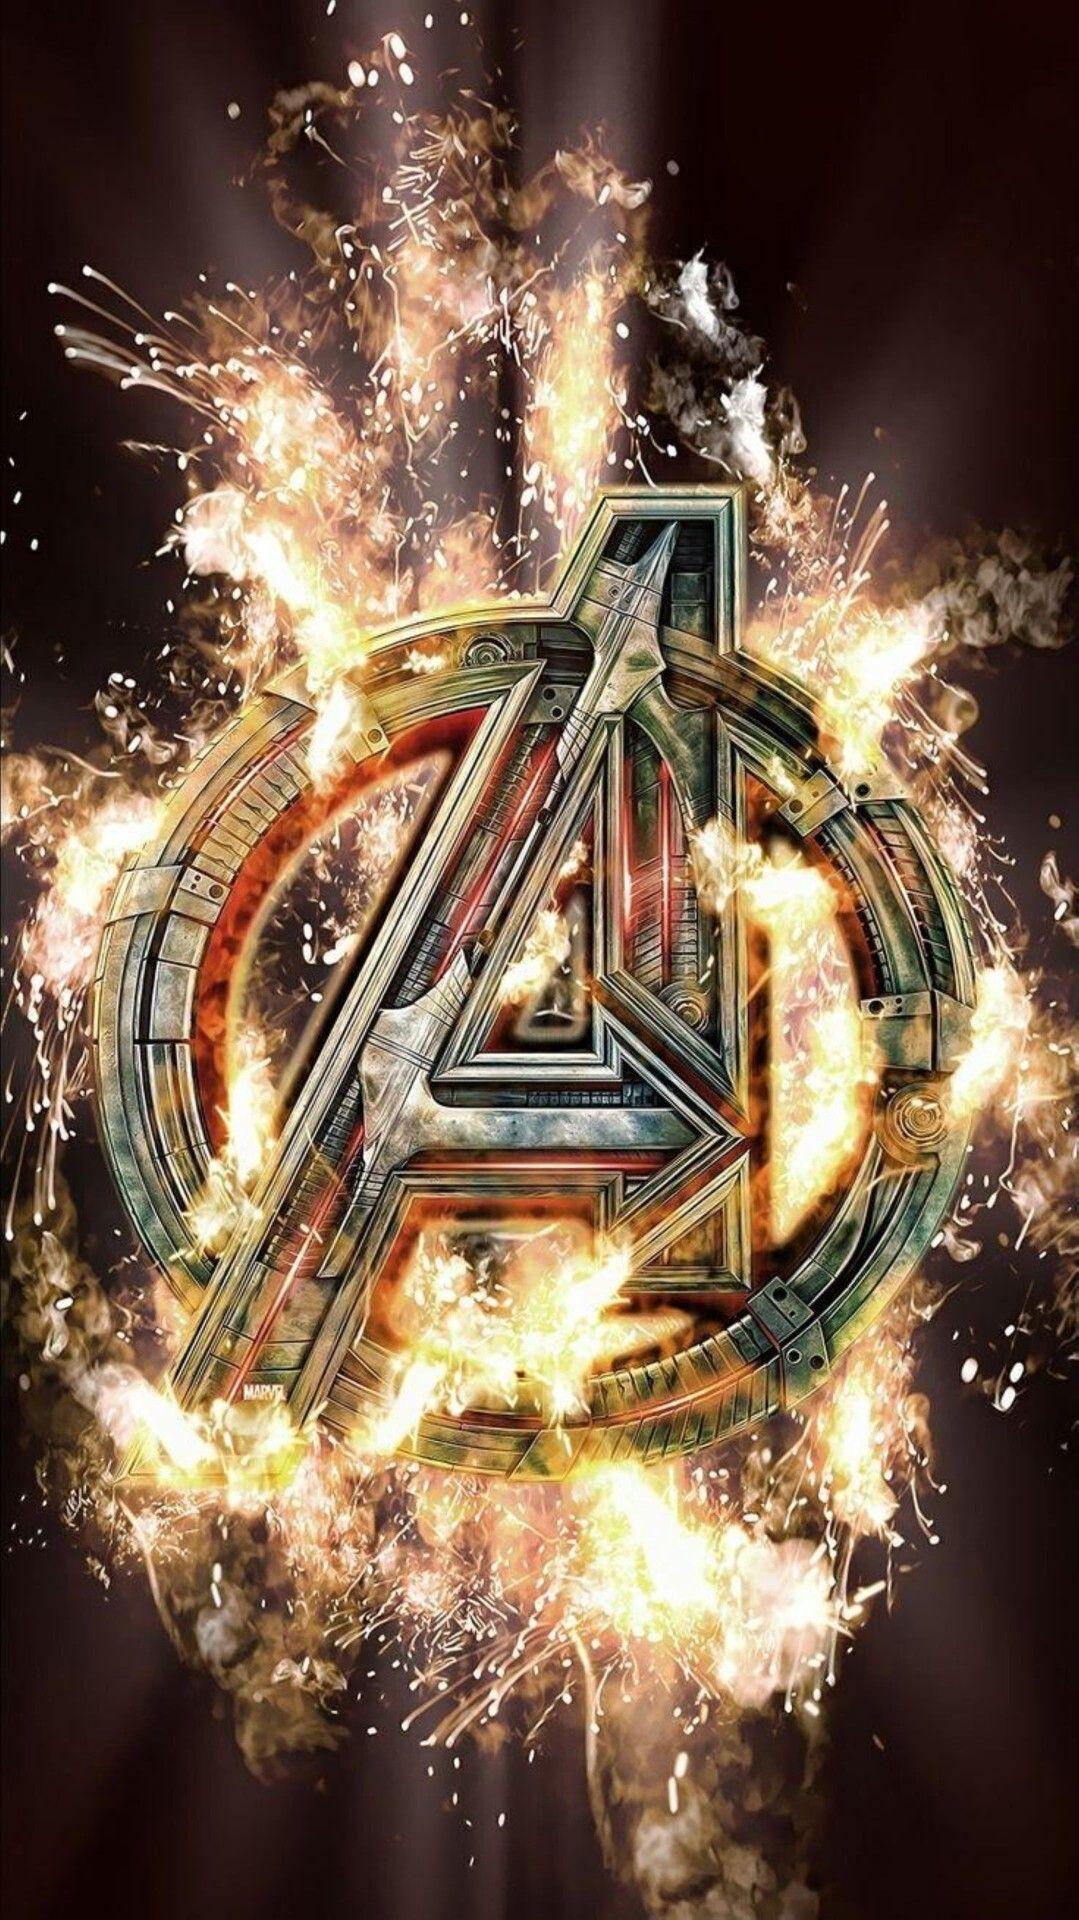 Avengers Logo Wallpaper Fire 736x1308 Download Hd Wallpaper Wallpapertip